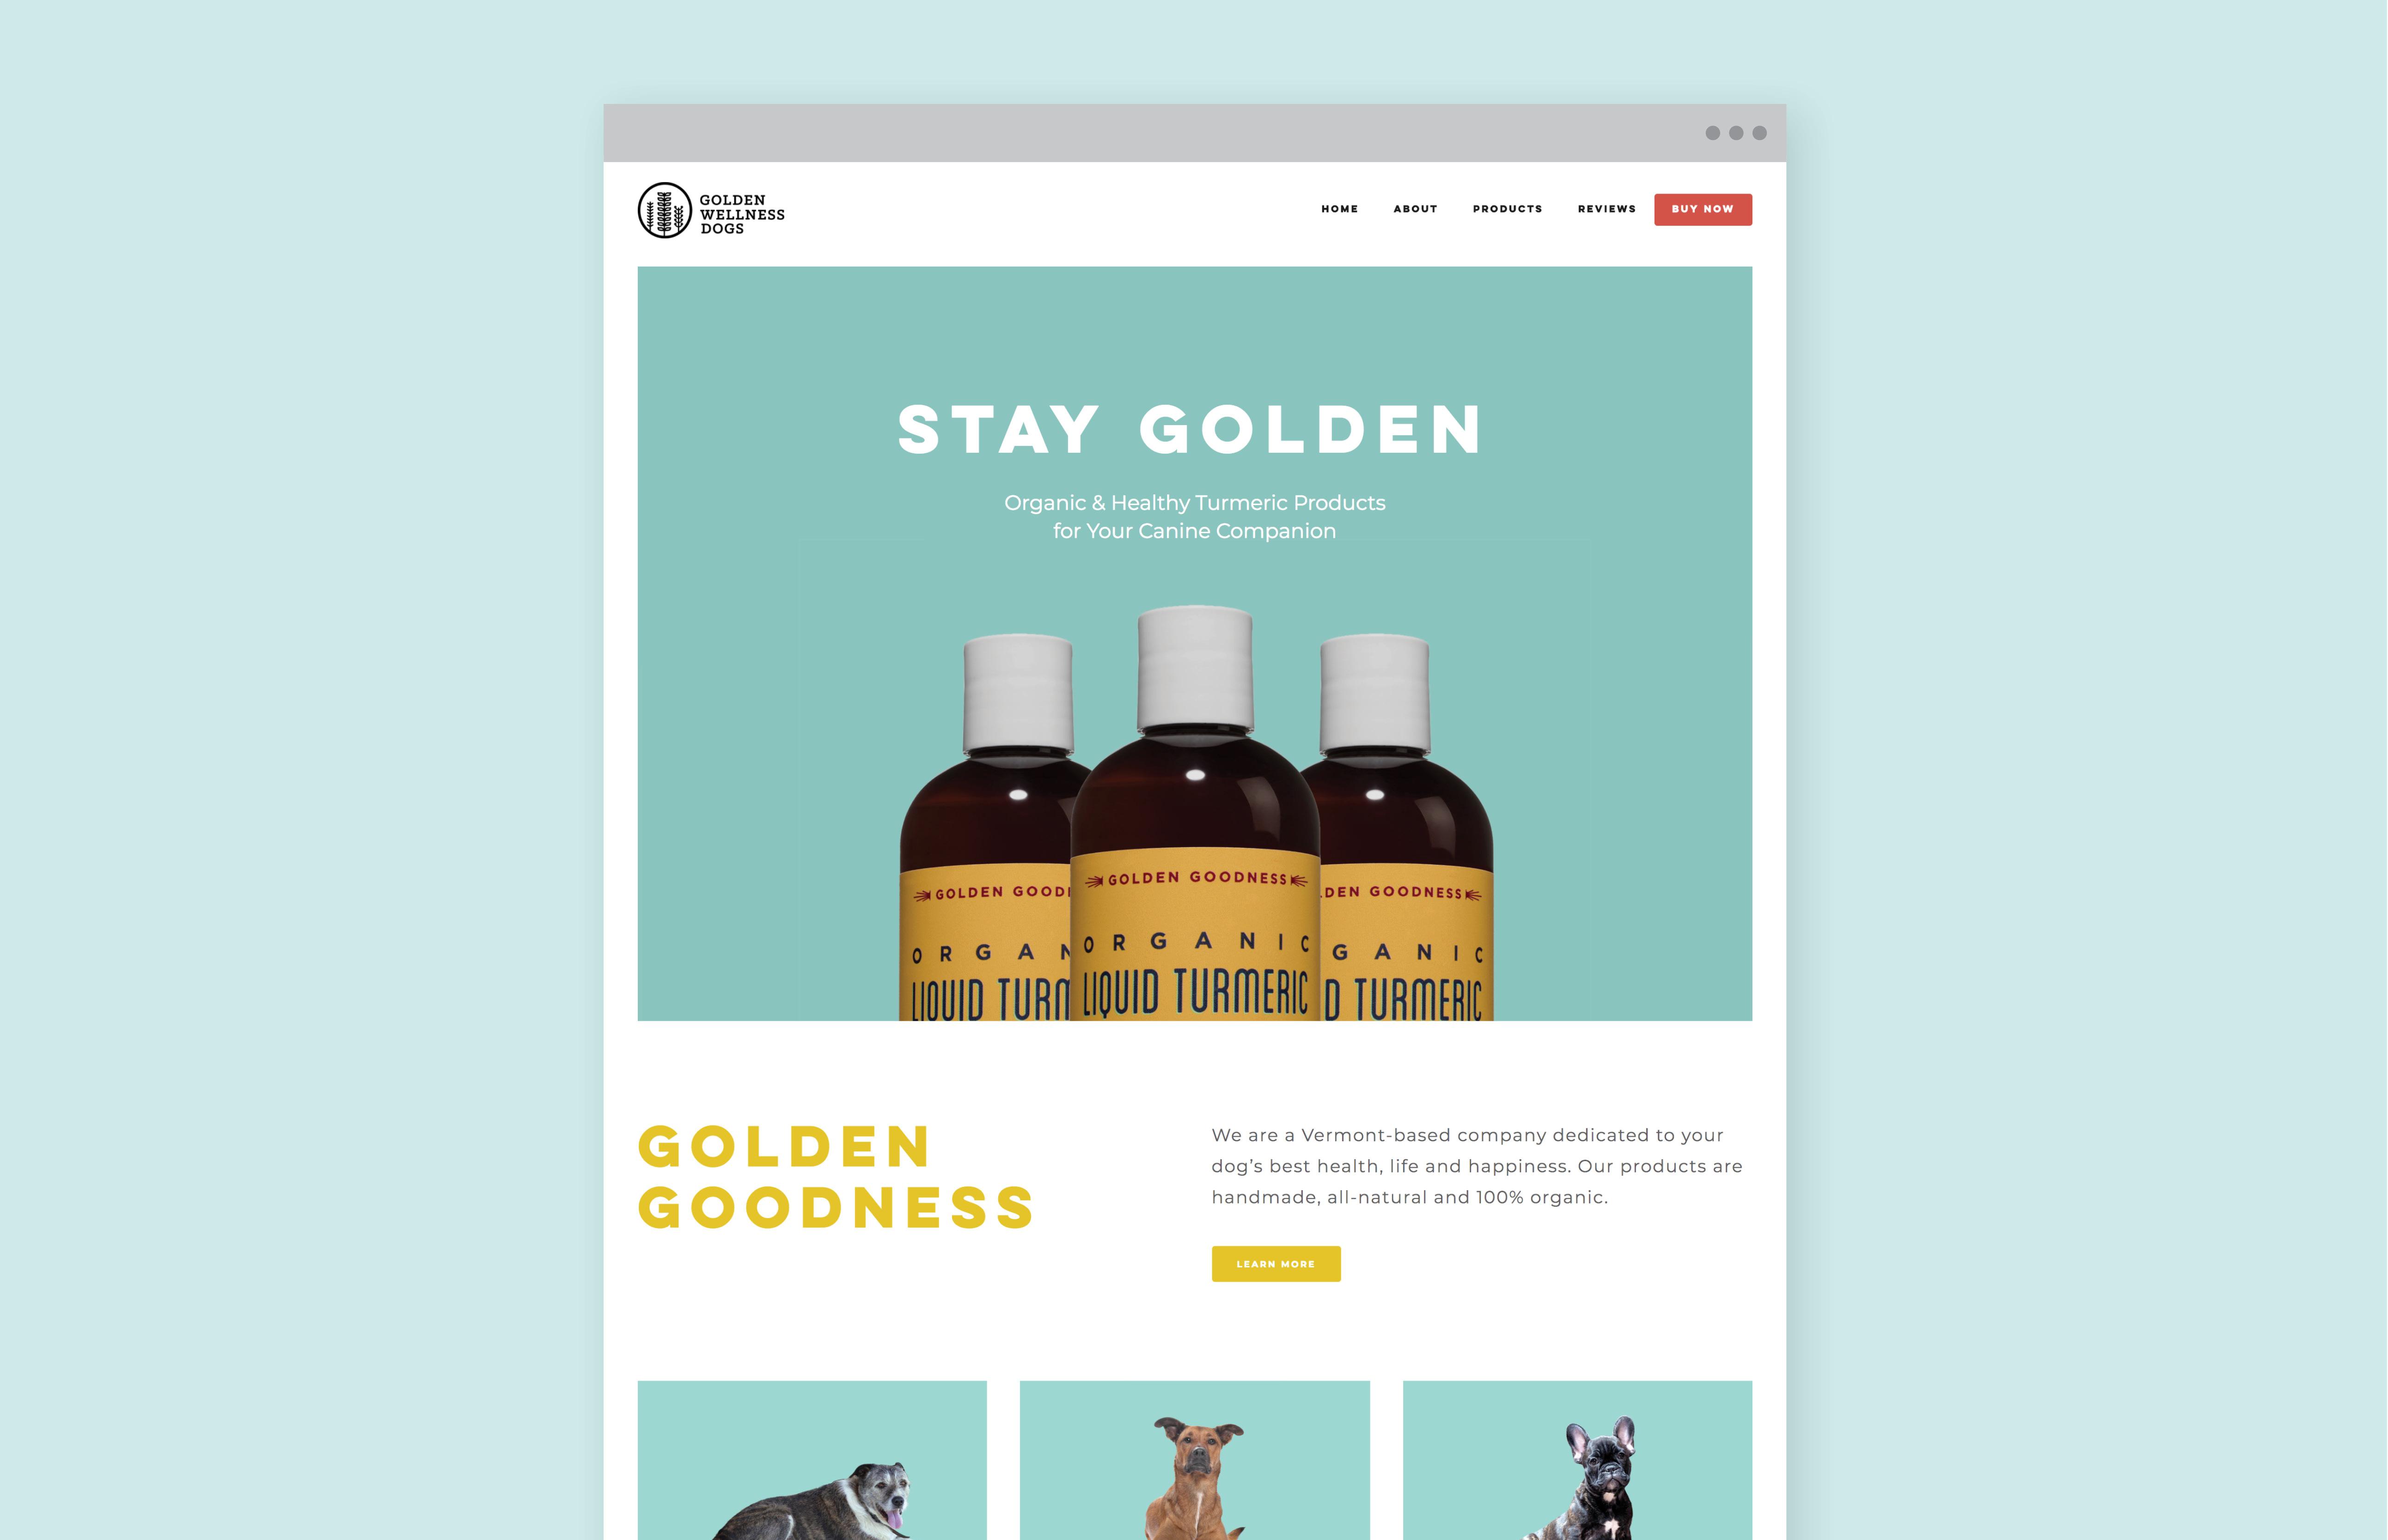 Golden Wellness site displayed on desktop